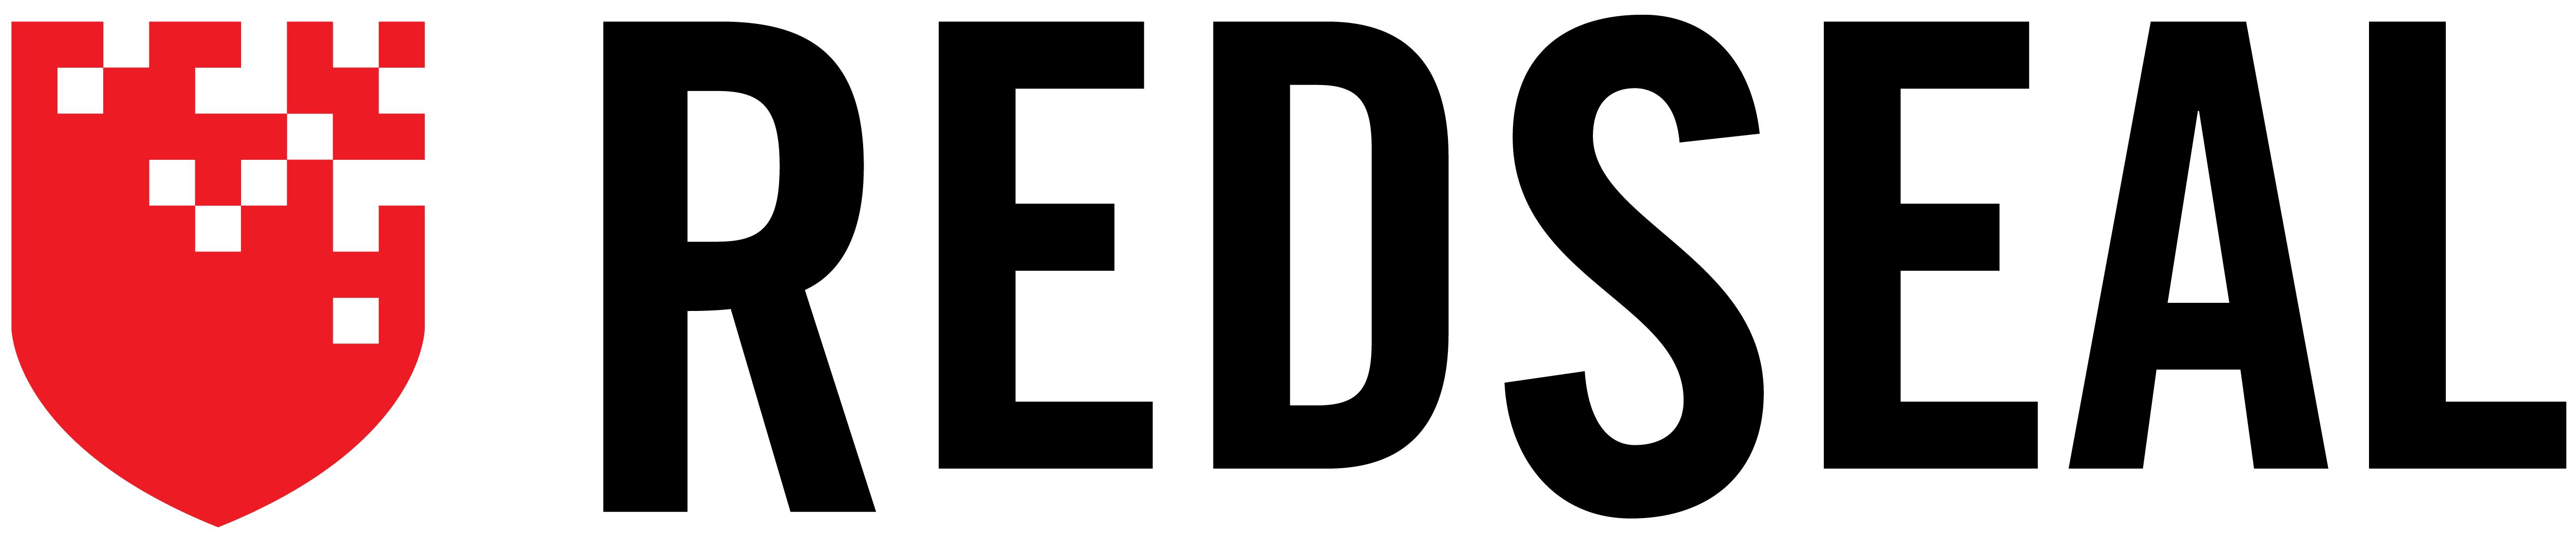 RedSeal, Inc. logo